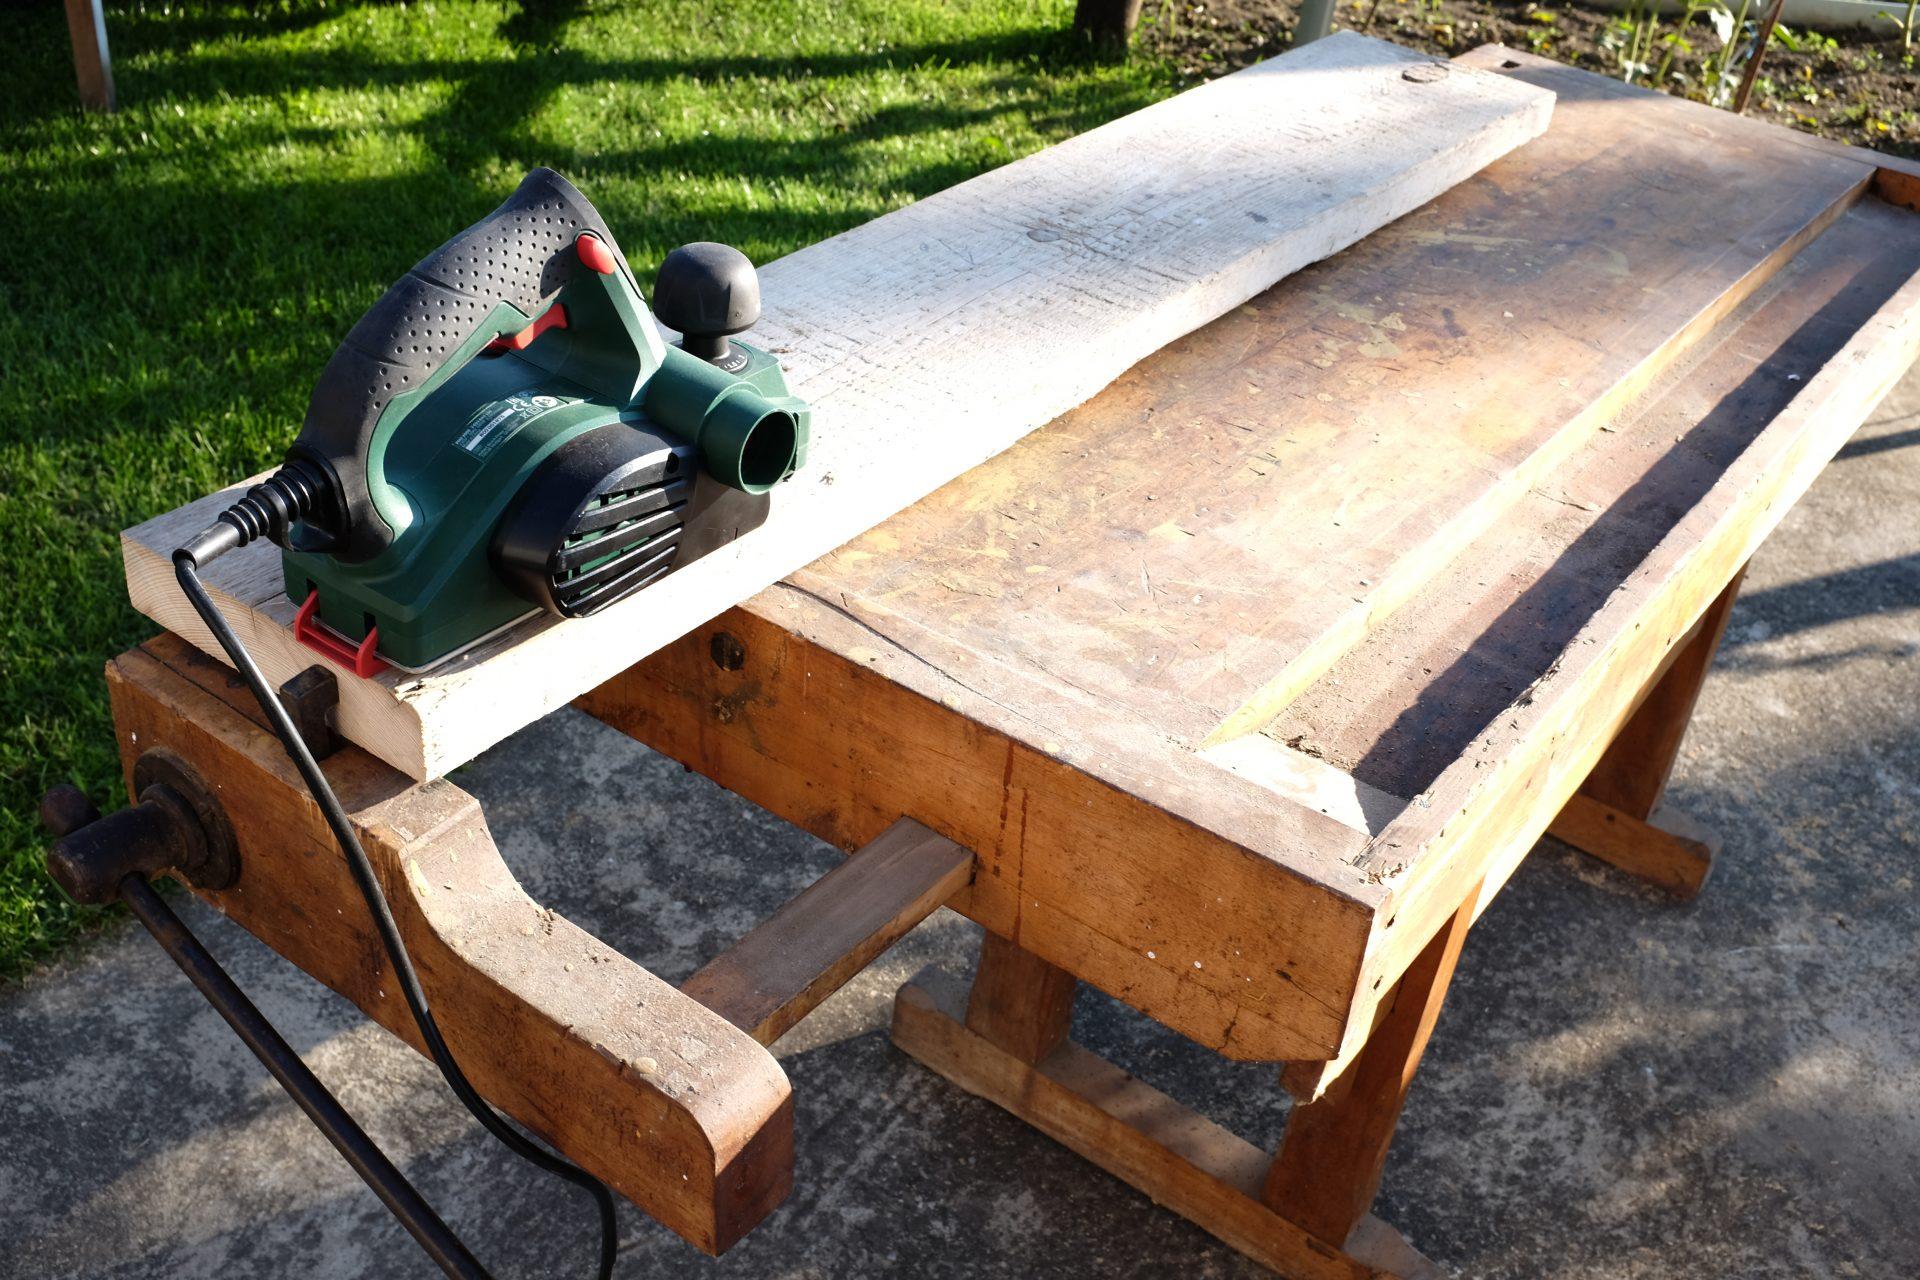 brusenie-drevene-dosky-vyroba-polic-pracovny-stol-zahrada